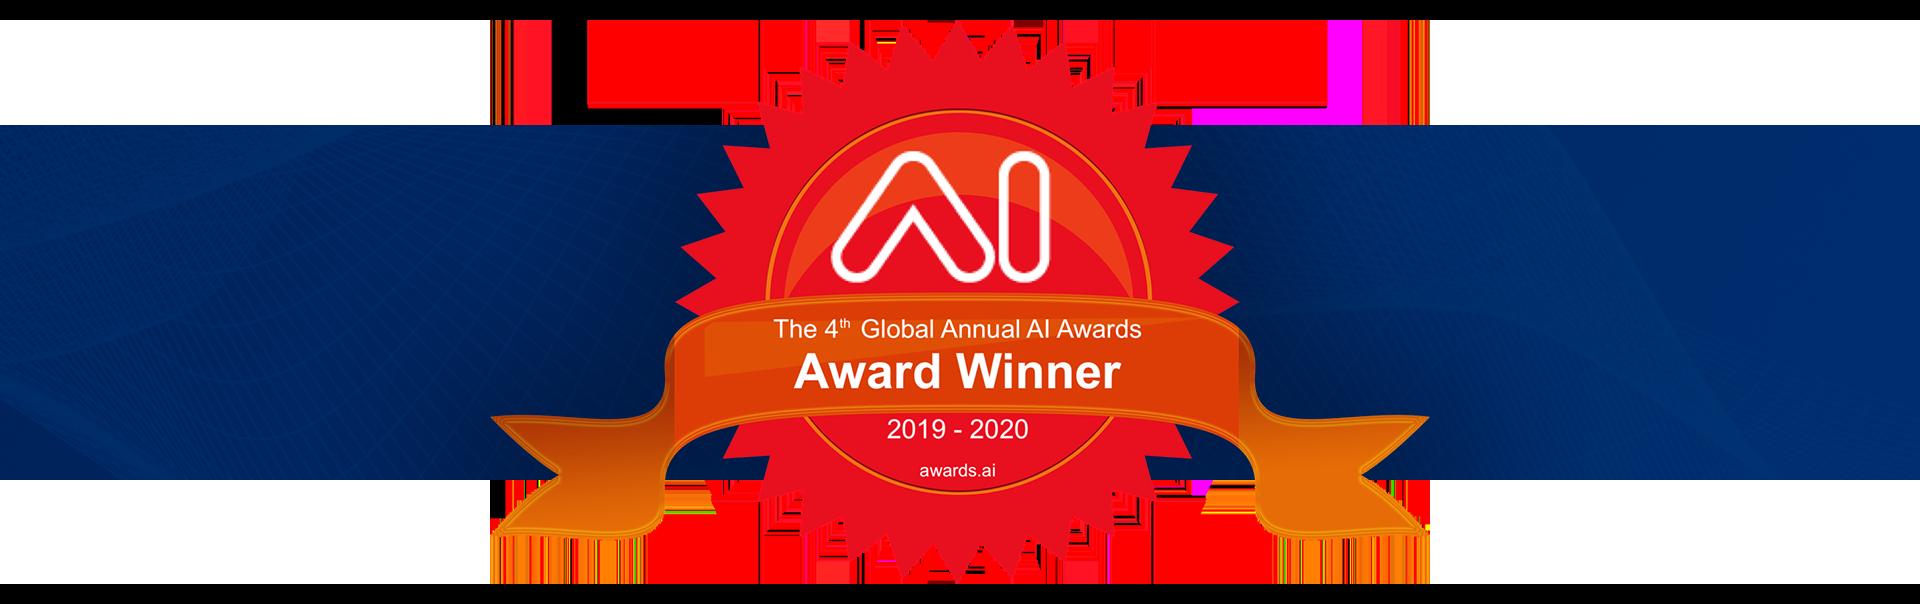 Global AI Award